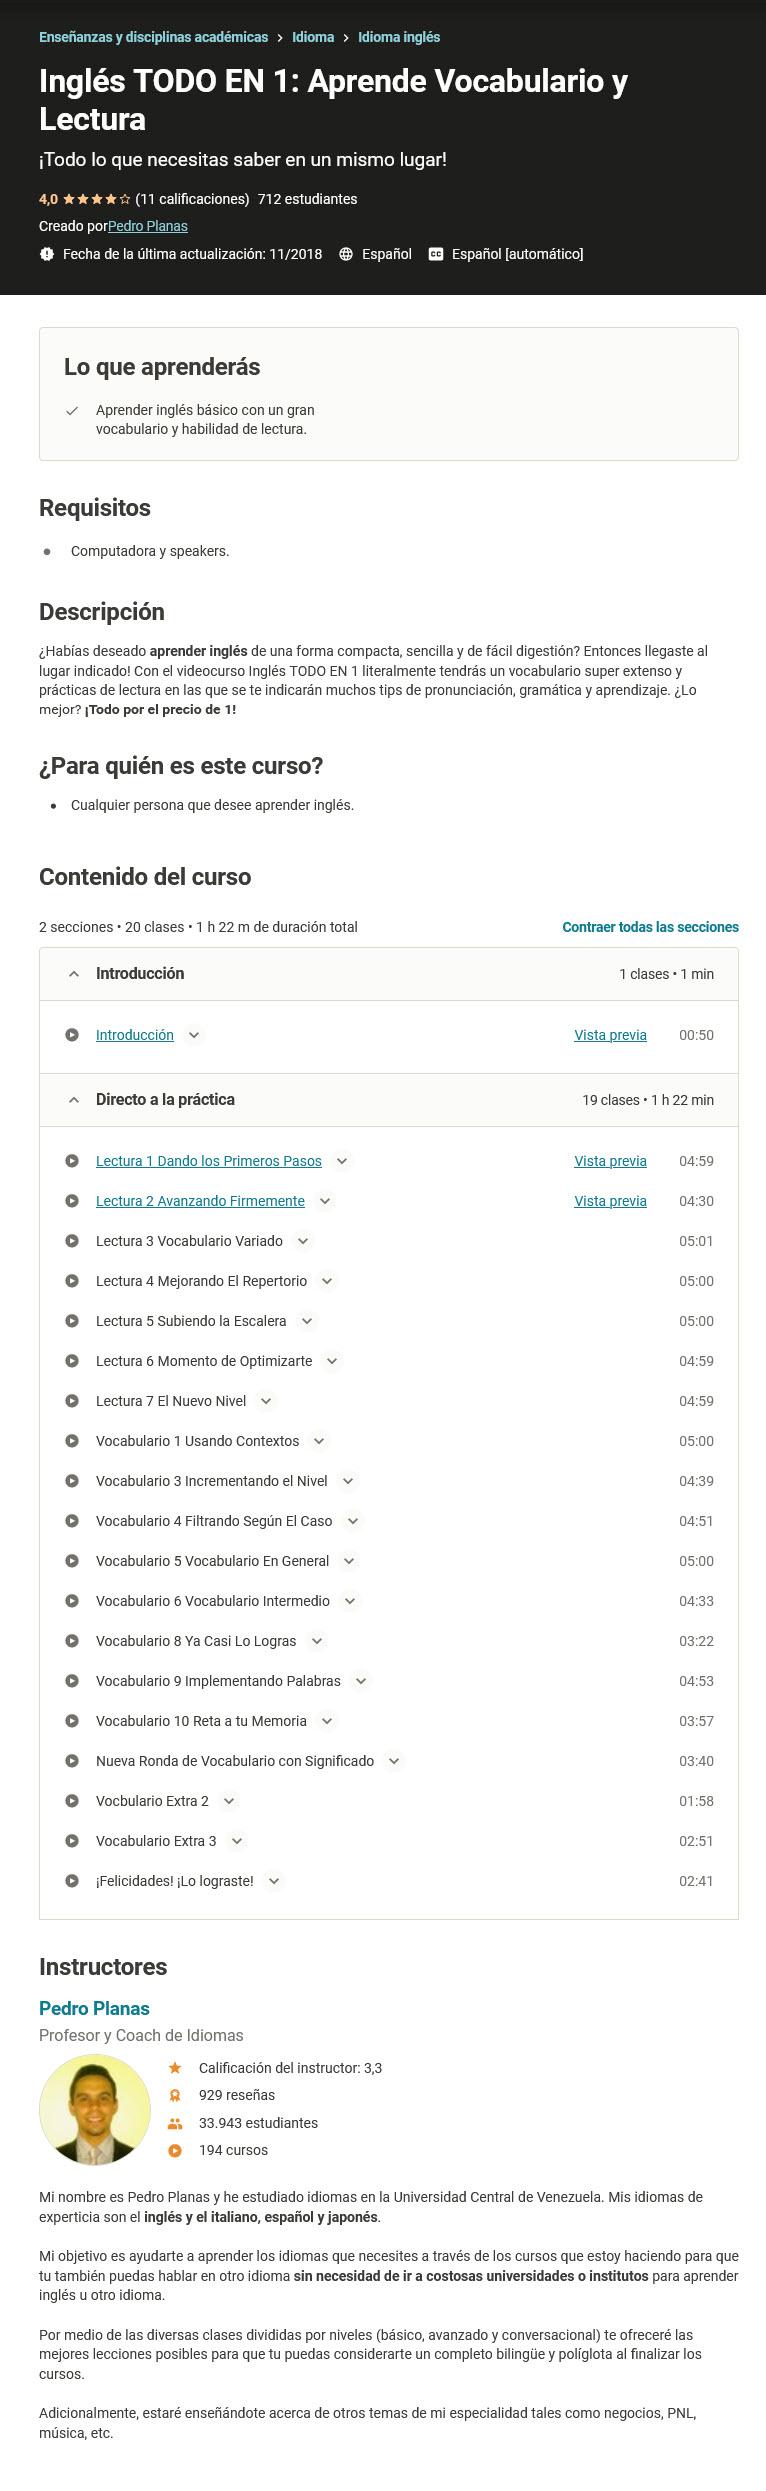 Inglés TODO EN 1. Aprende Vocabulario y Lectura